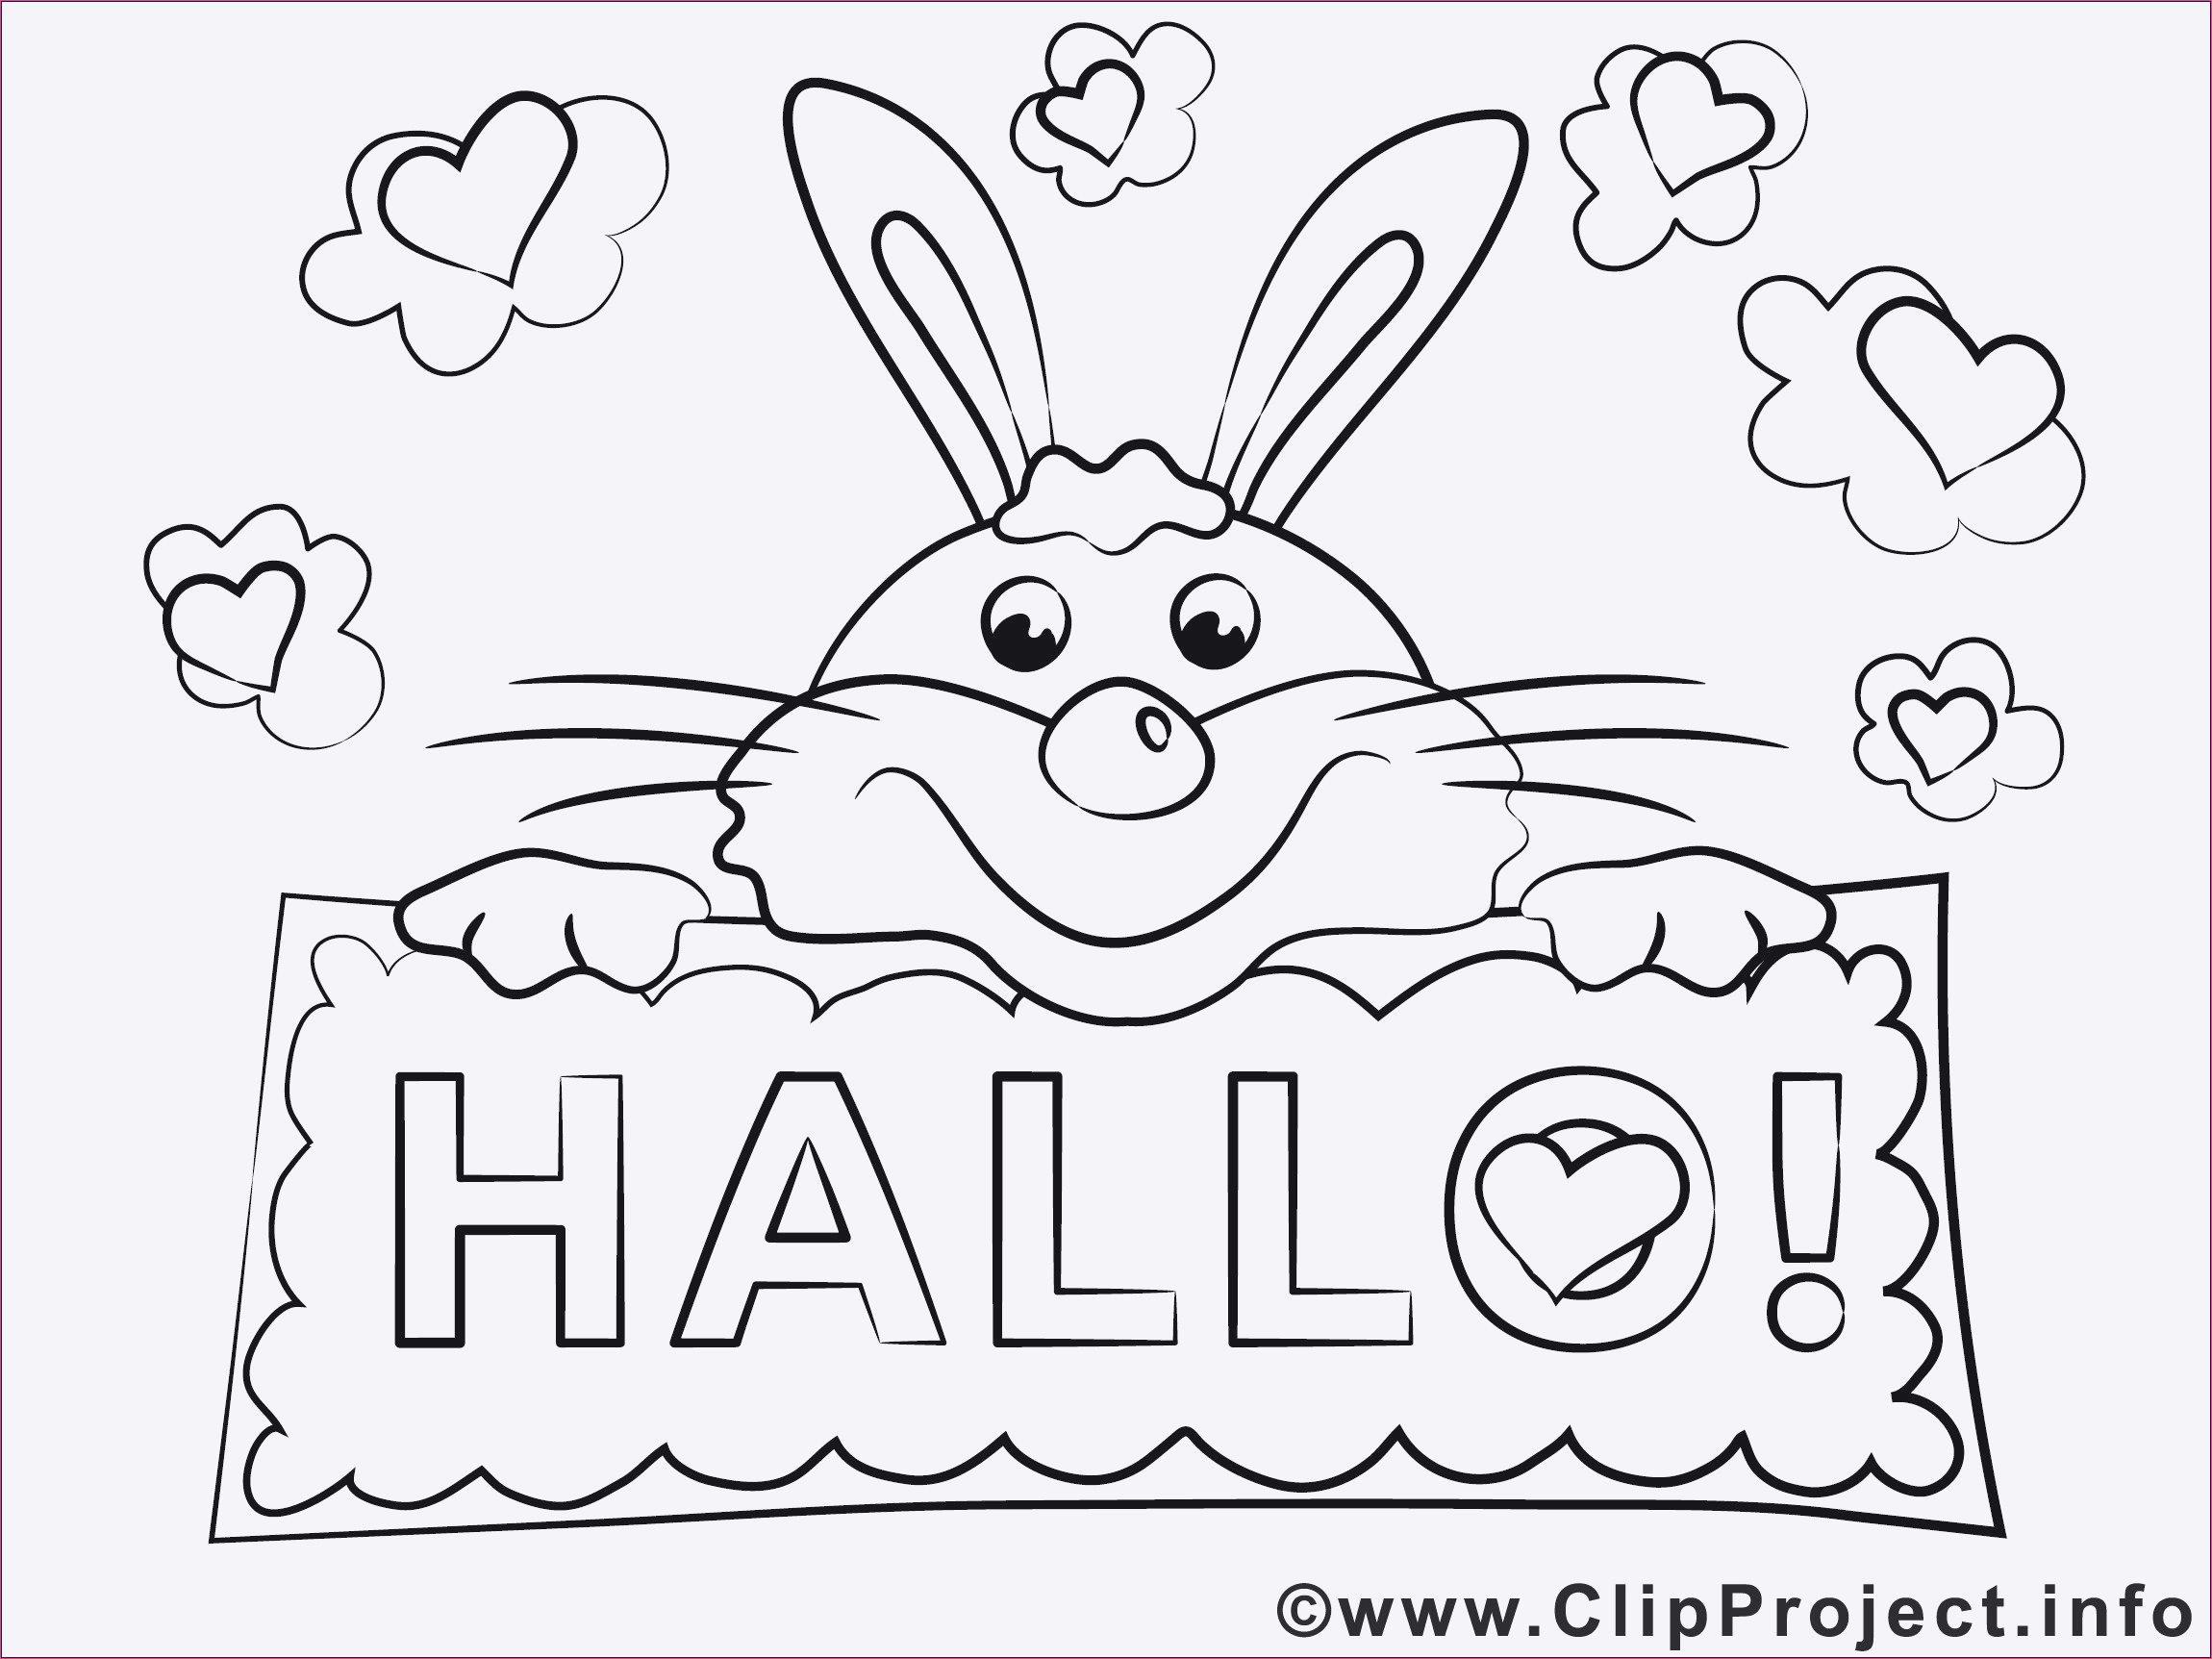 Kinder Schwimmen Ausmalbild Frisch Bambi Malvorlagen Best 37 Ausmalbilder Schwimmen Scoredatscore Stock